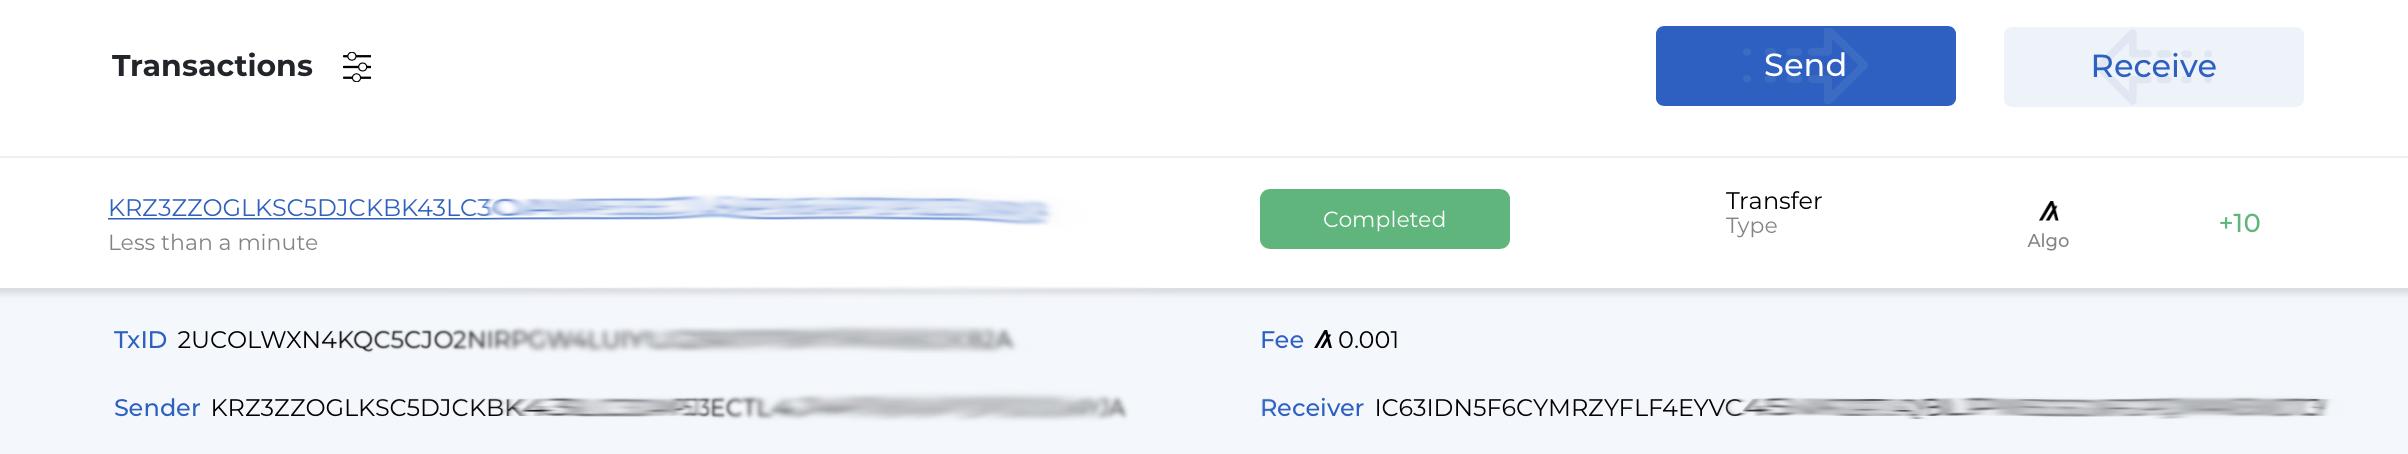 EditorImages/2021/06/20 19:09/transactionConfirmed.png